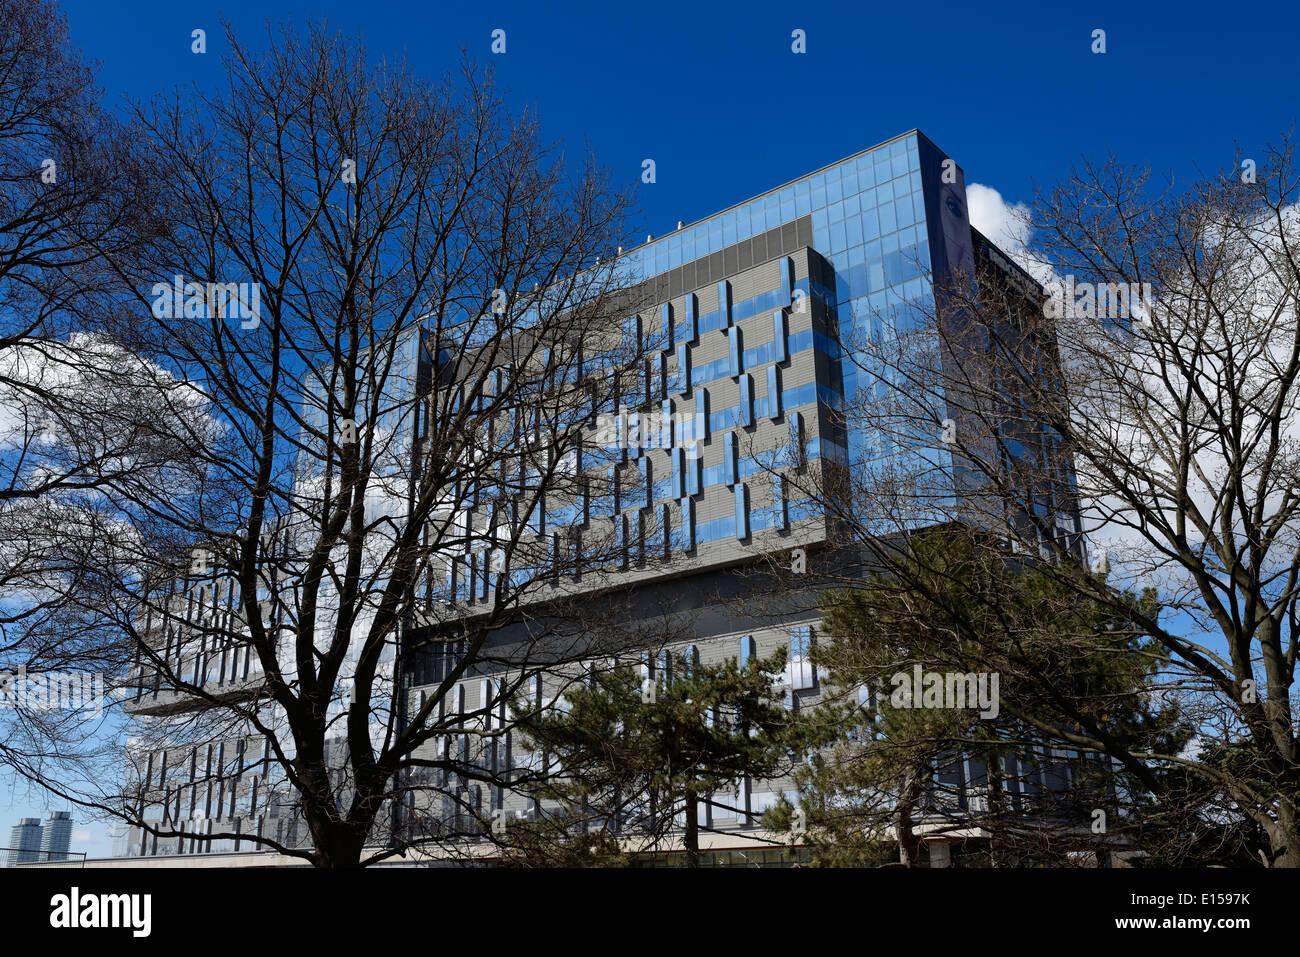 L'hôpital Blue nouvellement construit active bridgepoint health care centre building toronto Photo Stock